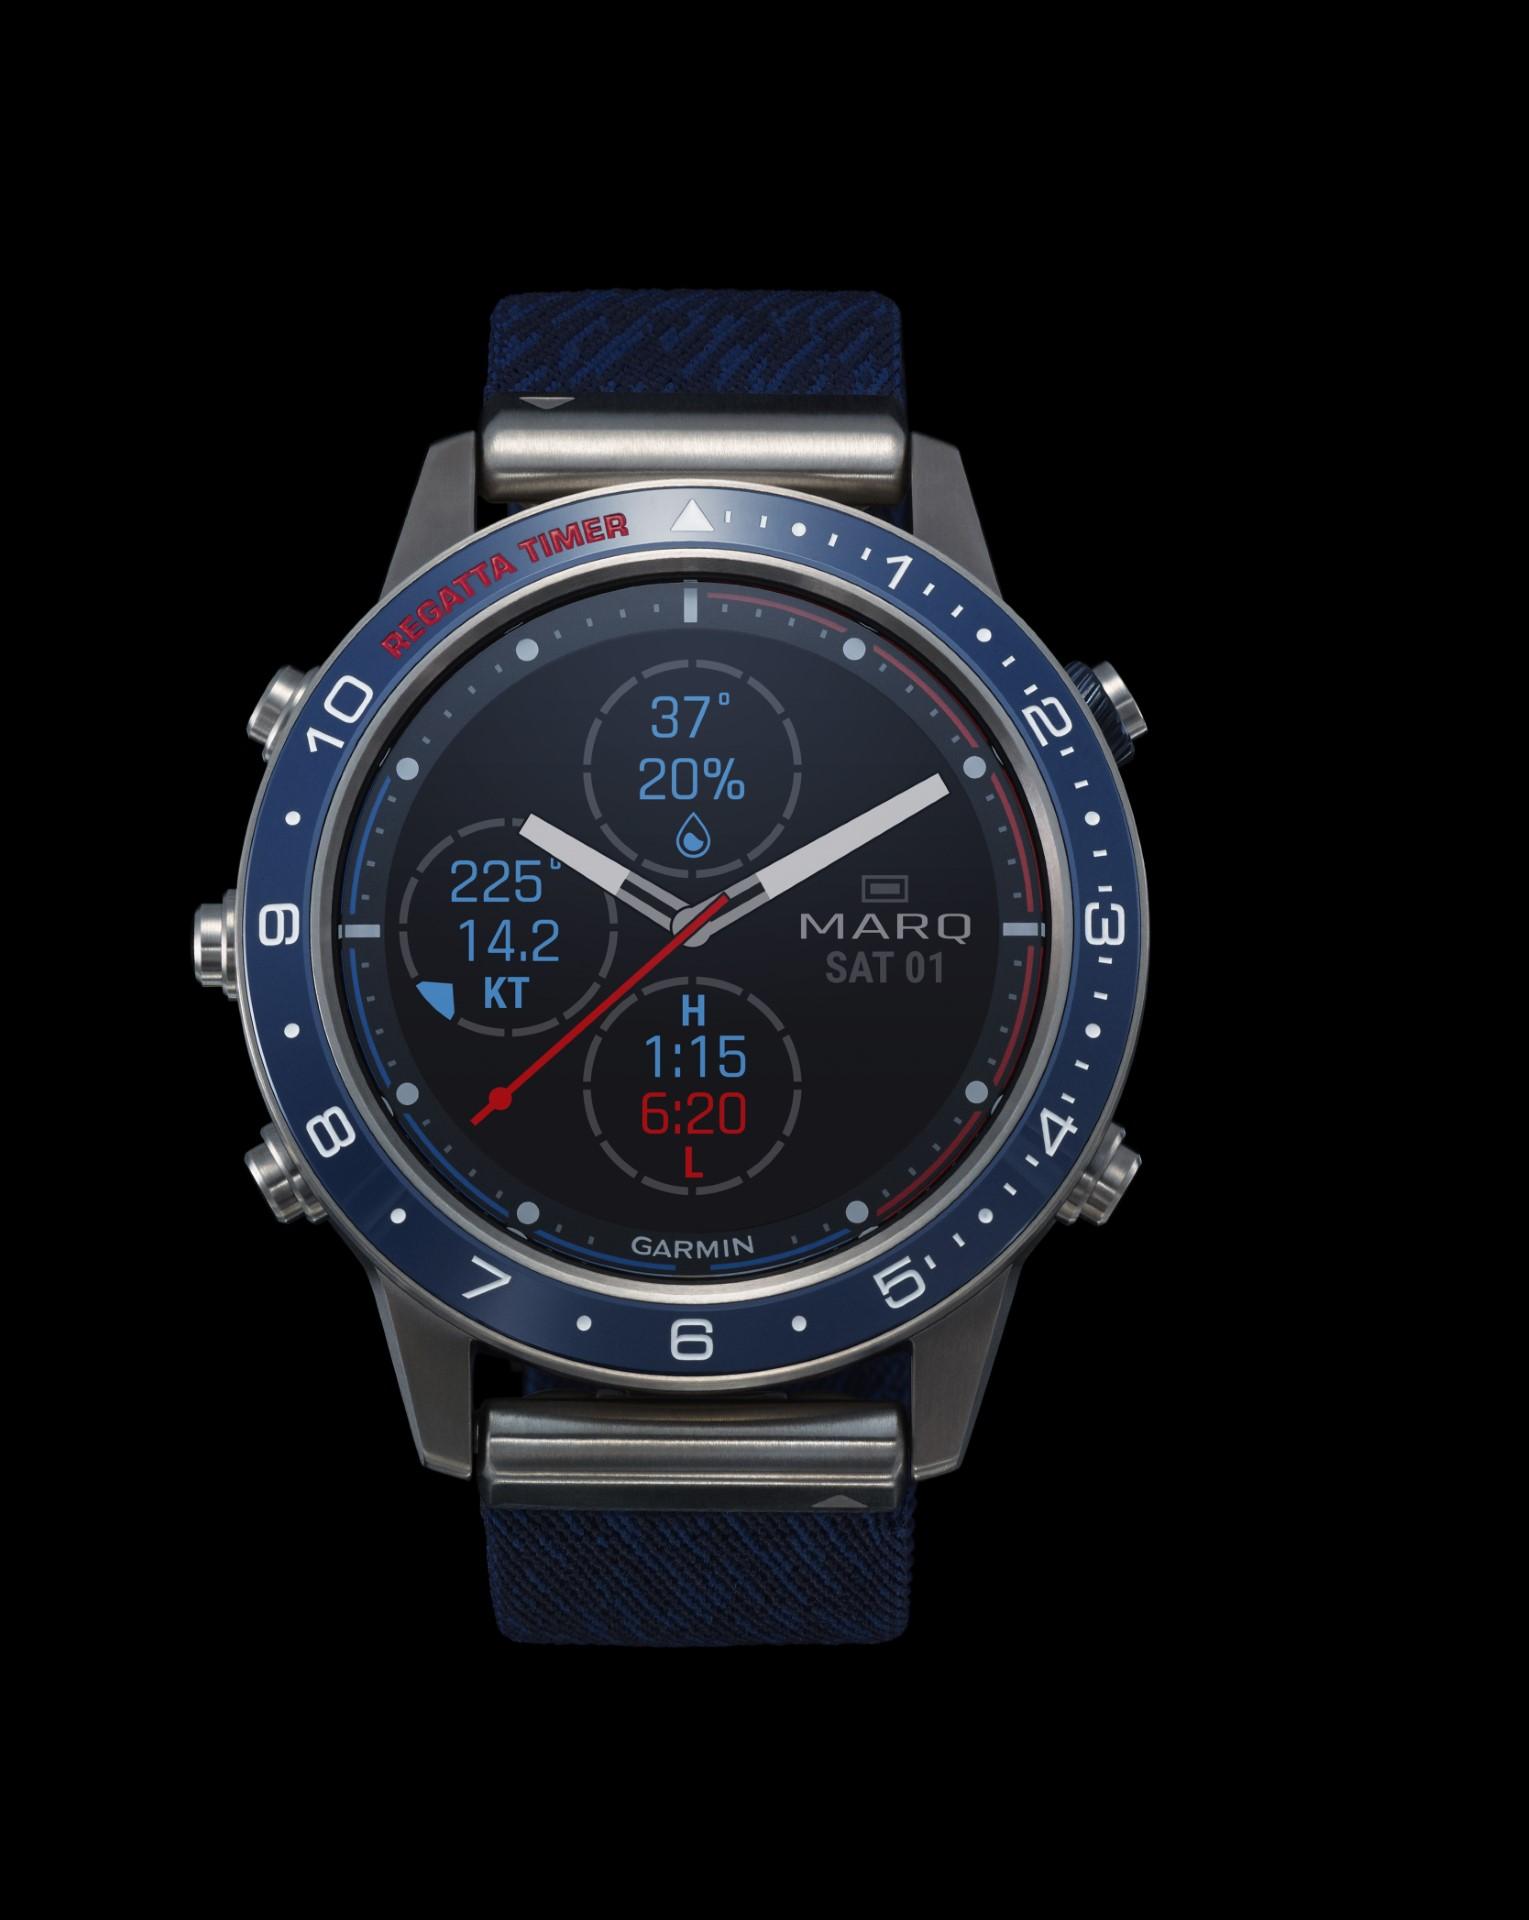 Garmin MARQ Captain - Smartwatch Multisport GPS - Gioielleria Casavola Noci - foto prodotto